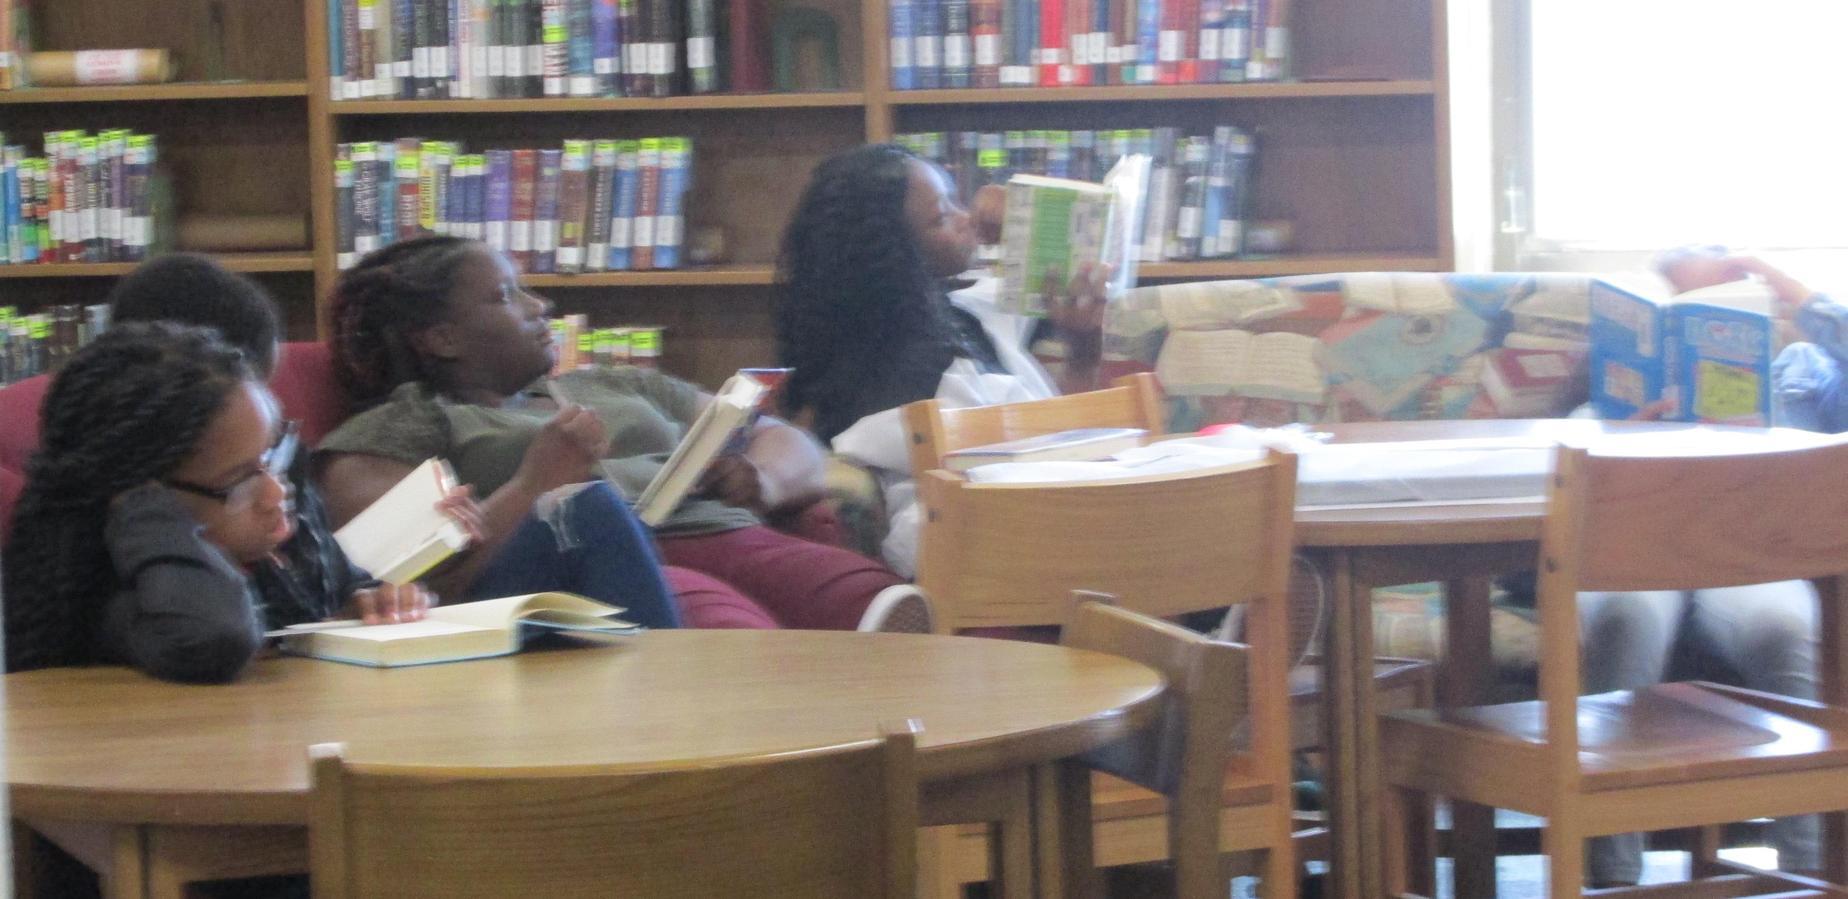 Girls reading in the Media Center